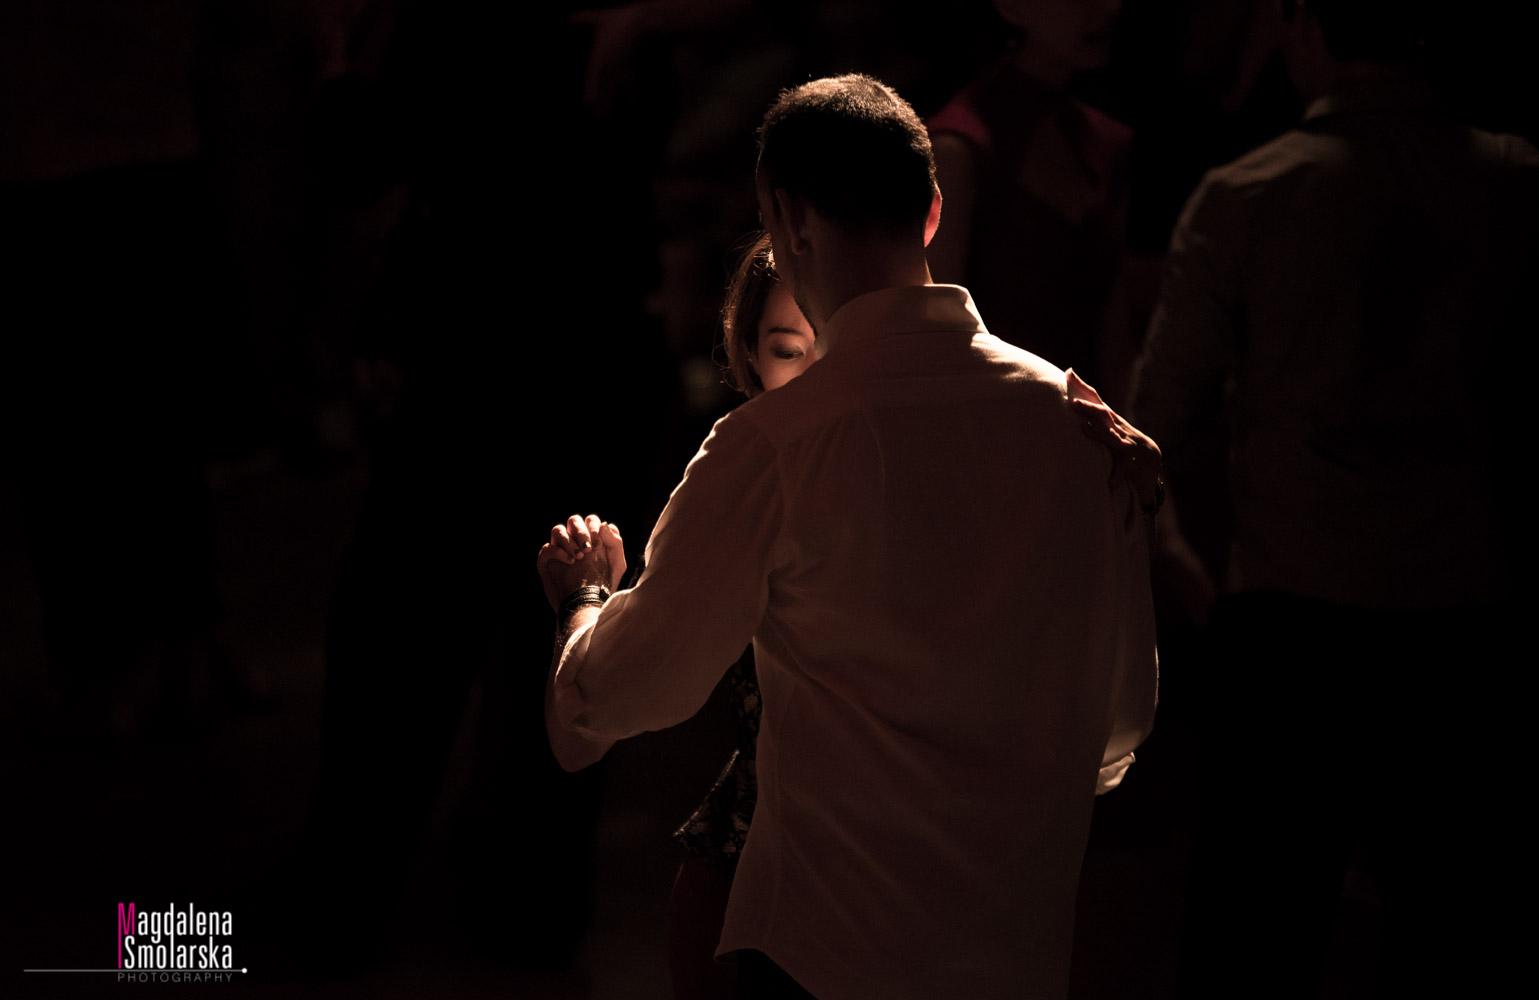 Tango light and mood